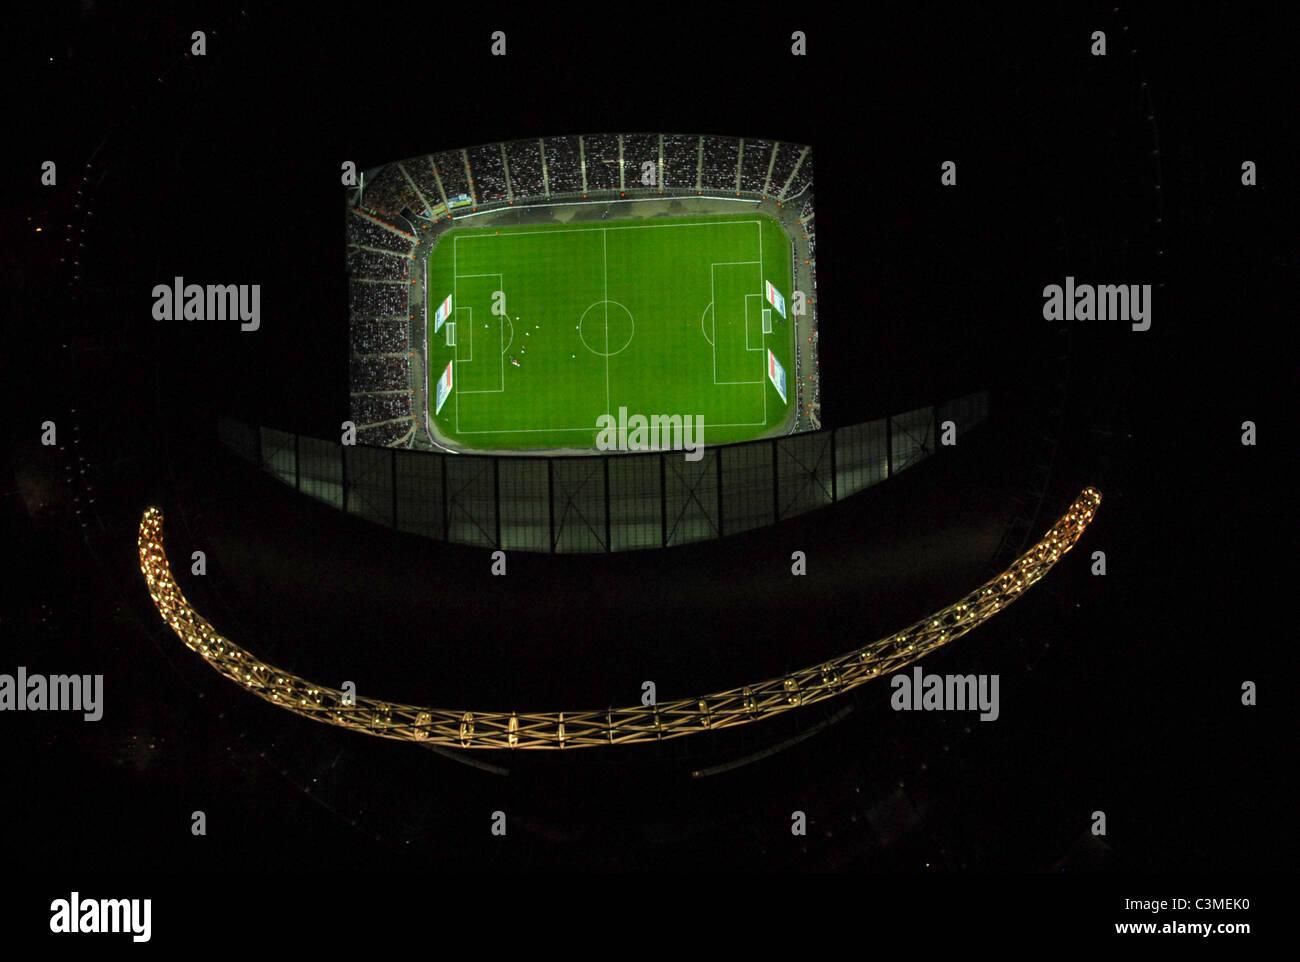 El estadio de Wembley en la noche fotografiado directamente desde arriba mostrando el arco y England International Foto de stock